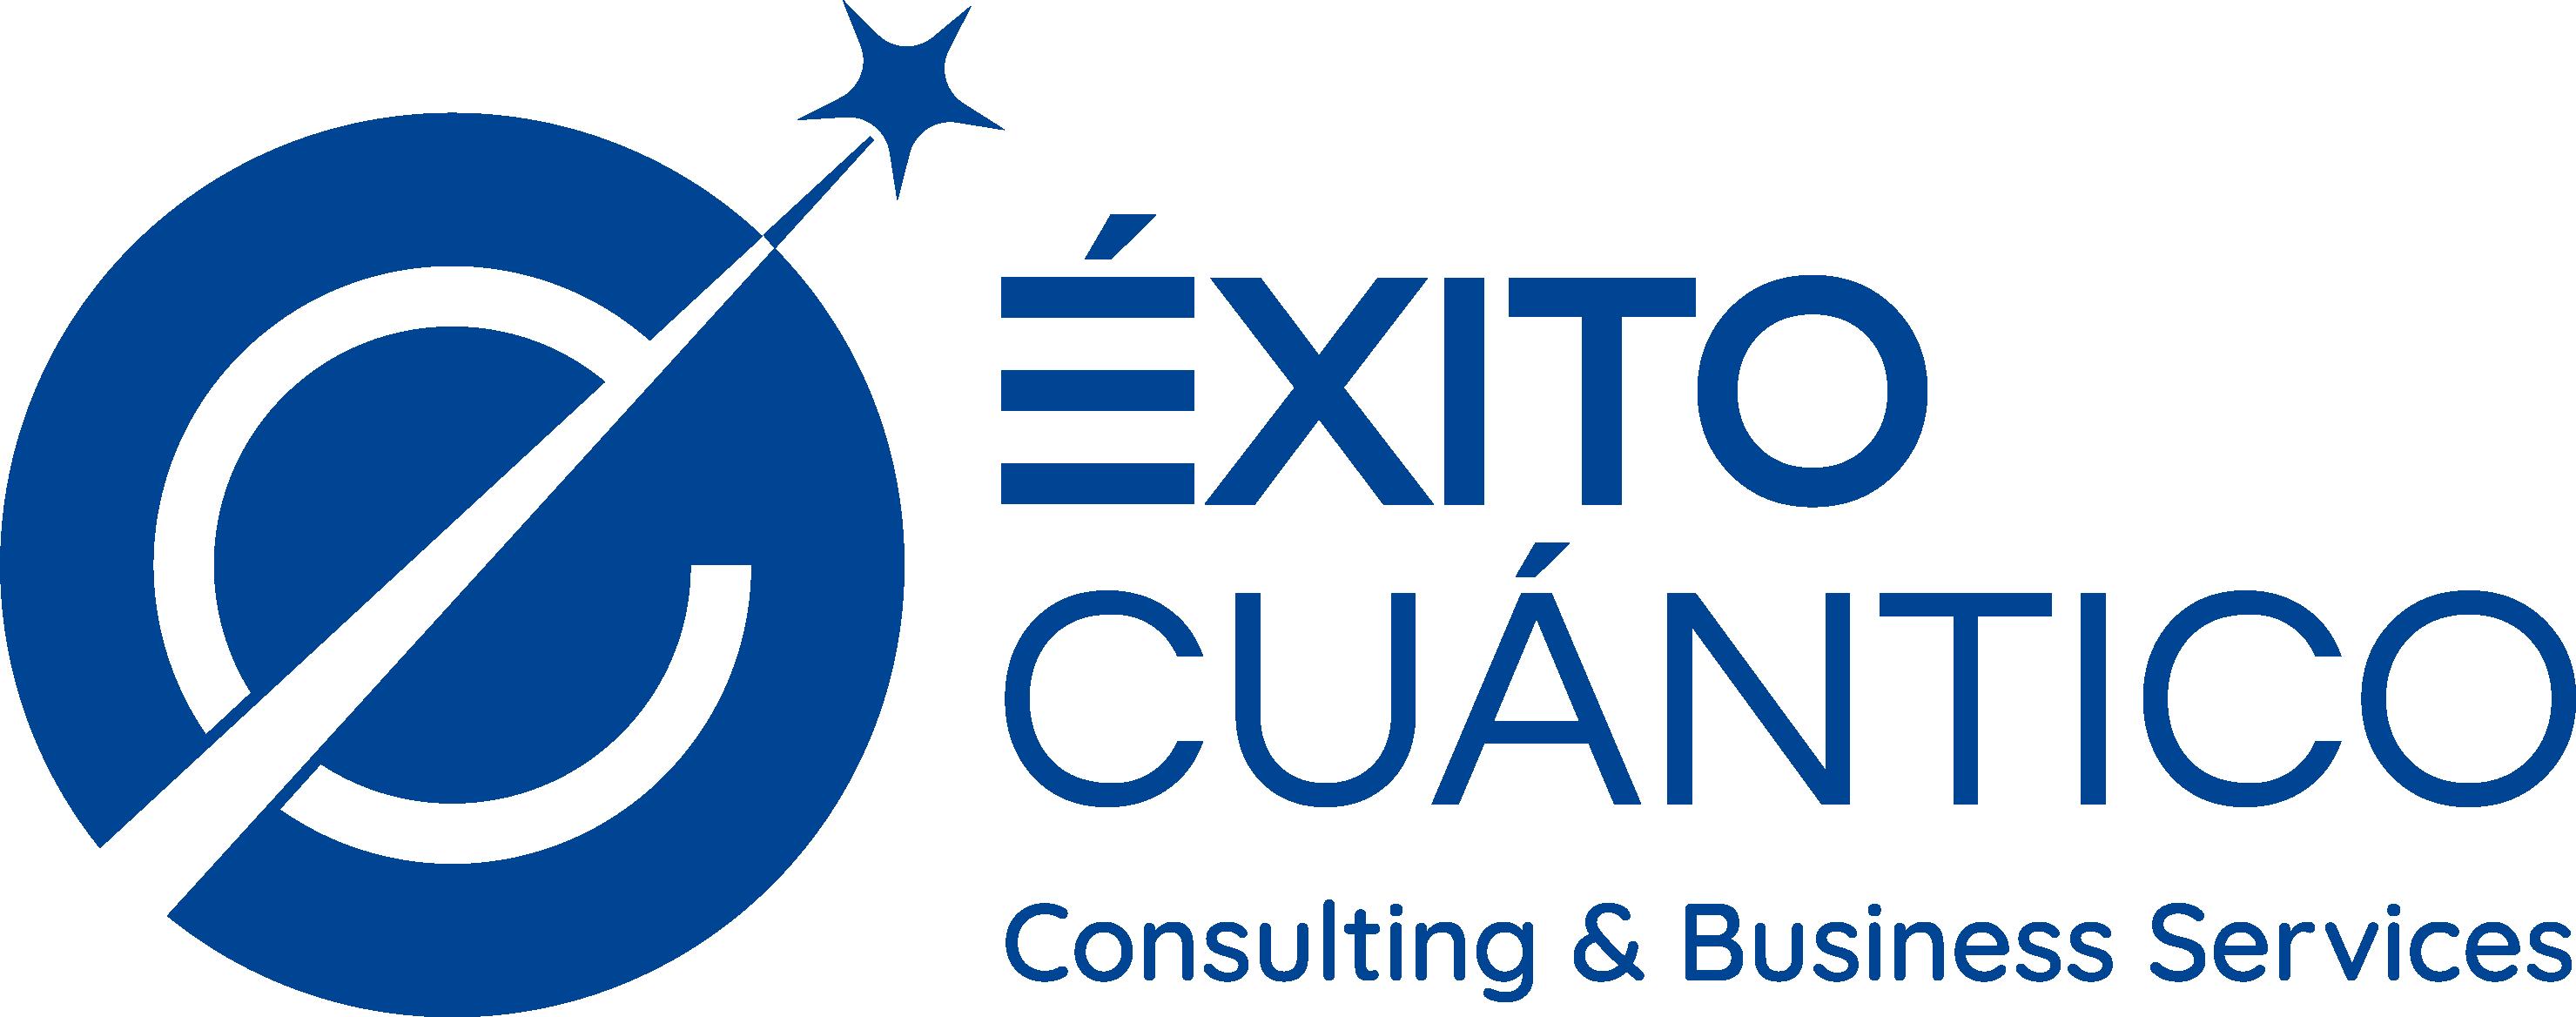 Éxito Cuántico se afianza como empresa referente en el sector de la consultoría y servicios de negocios